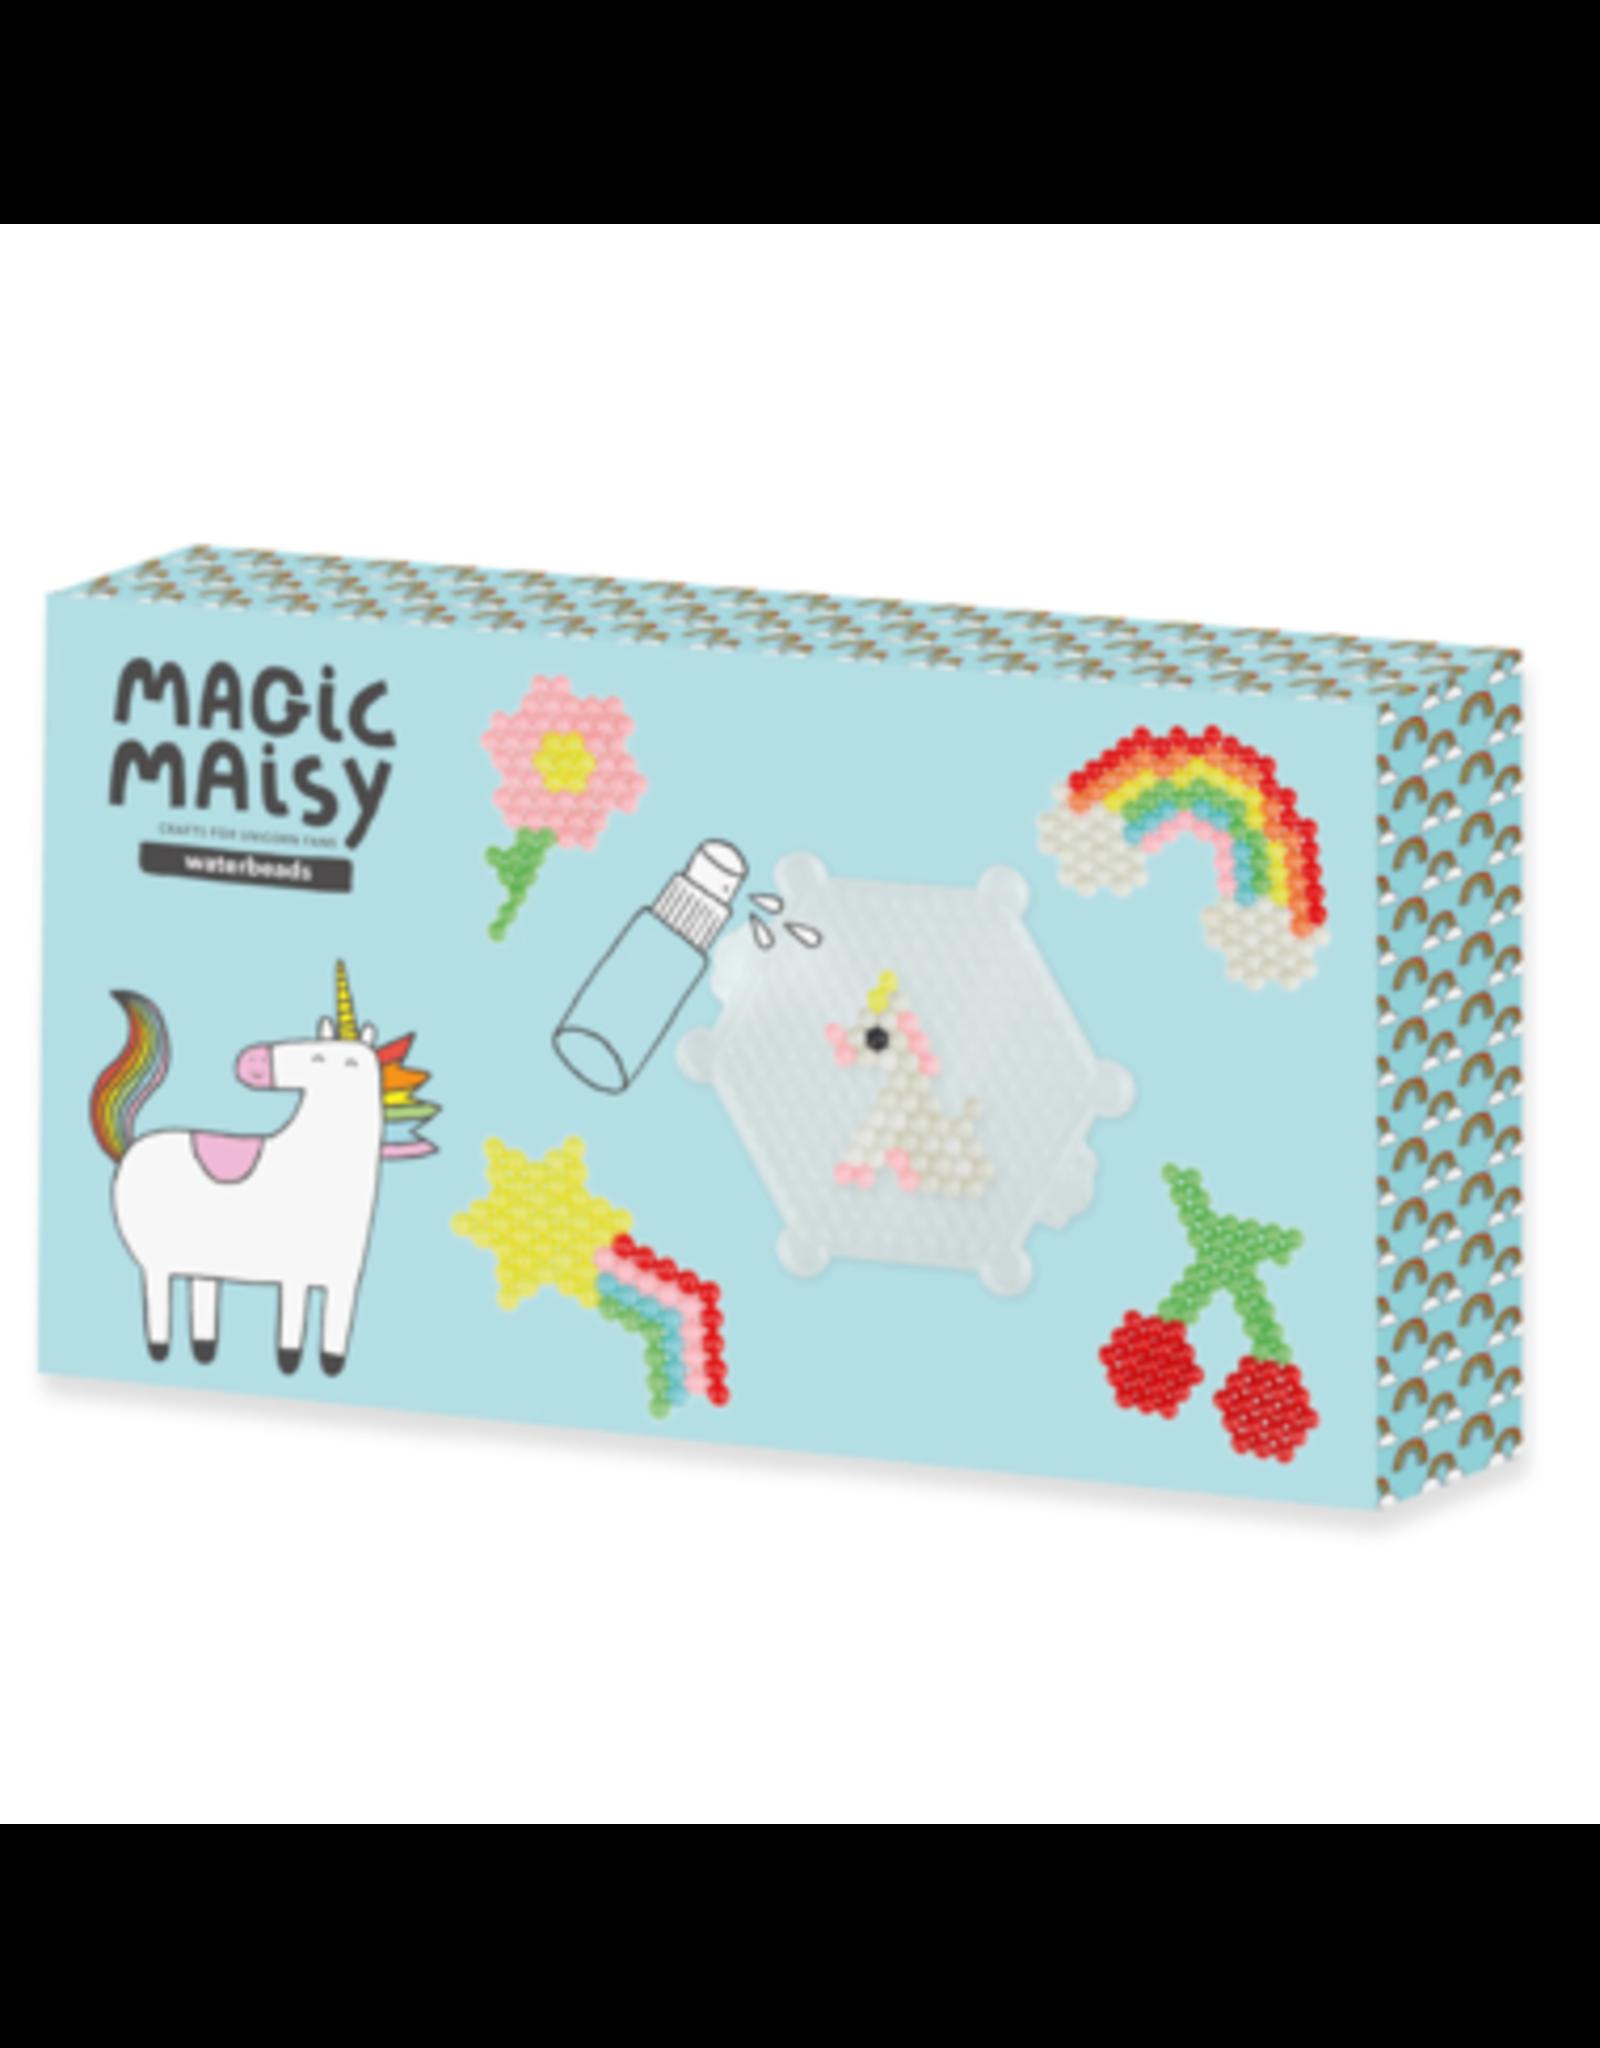 Magic Maisy Magic Waterbeads